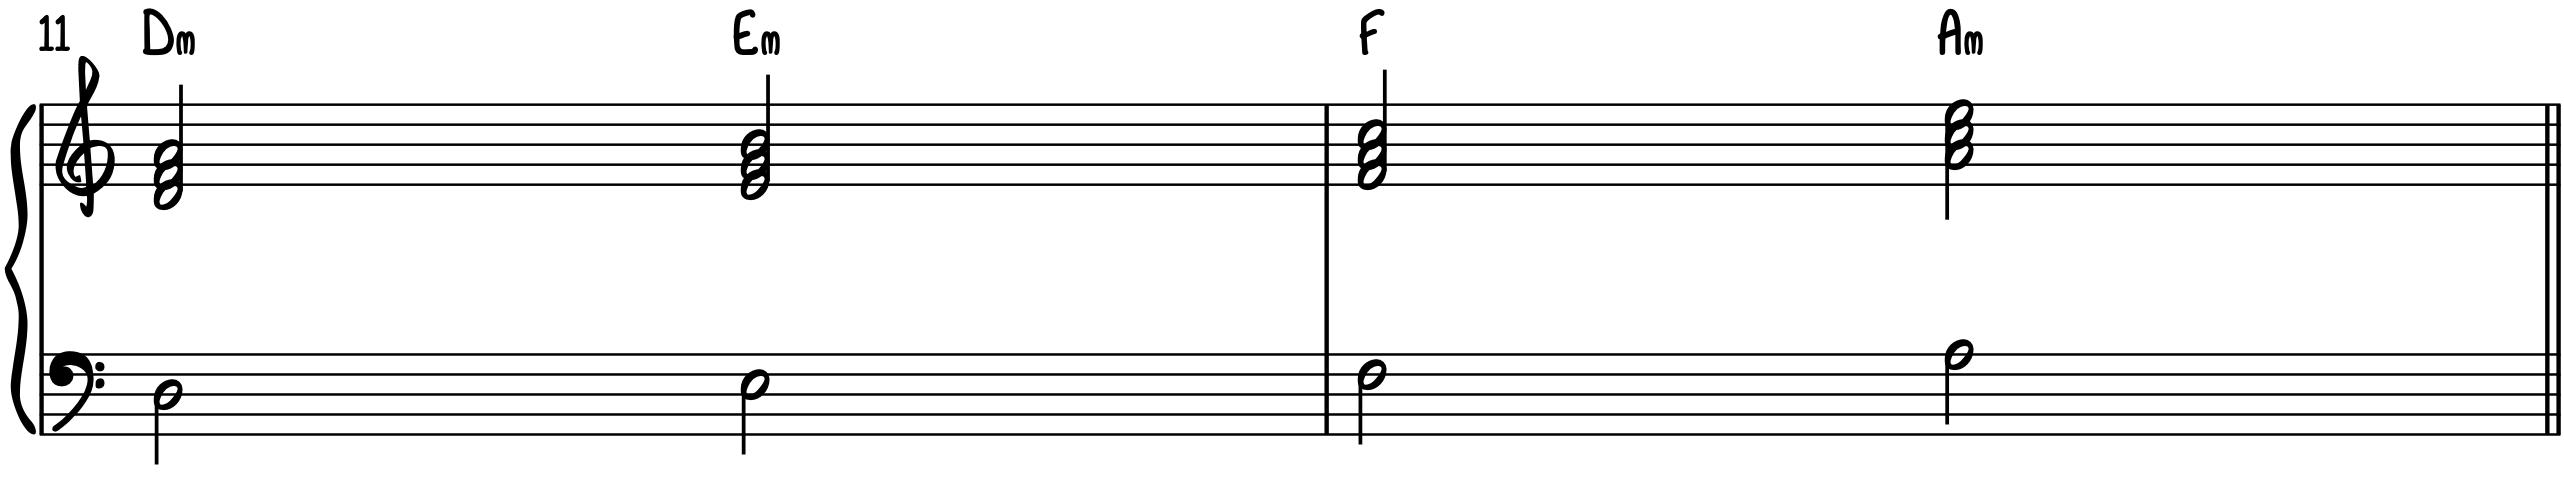 Progression 1 Standard Triads